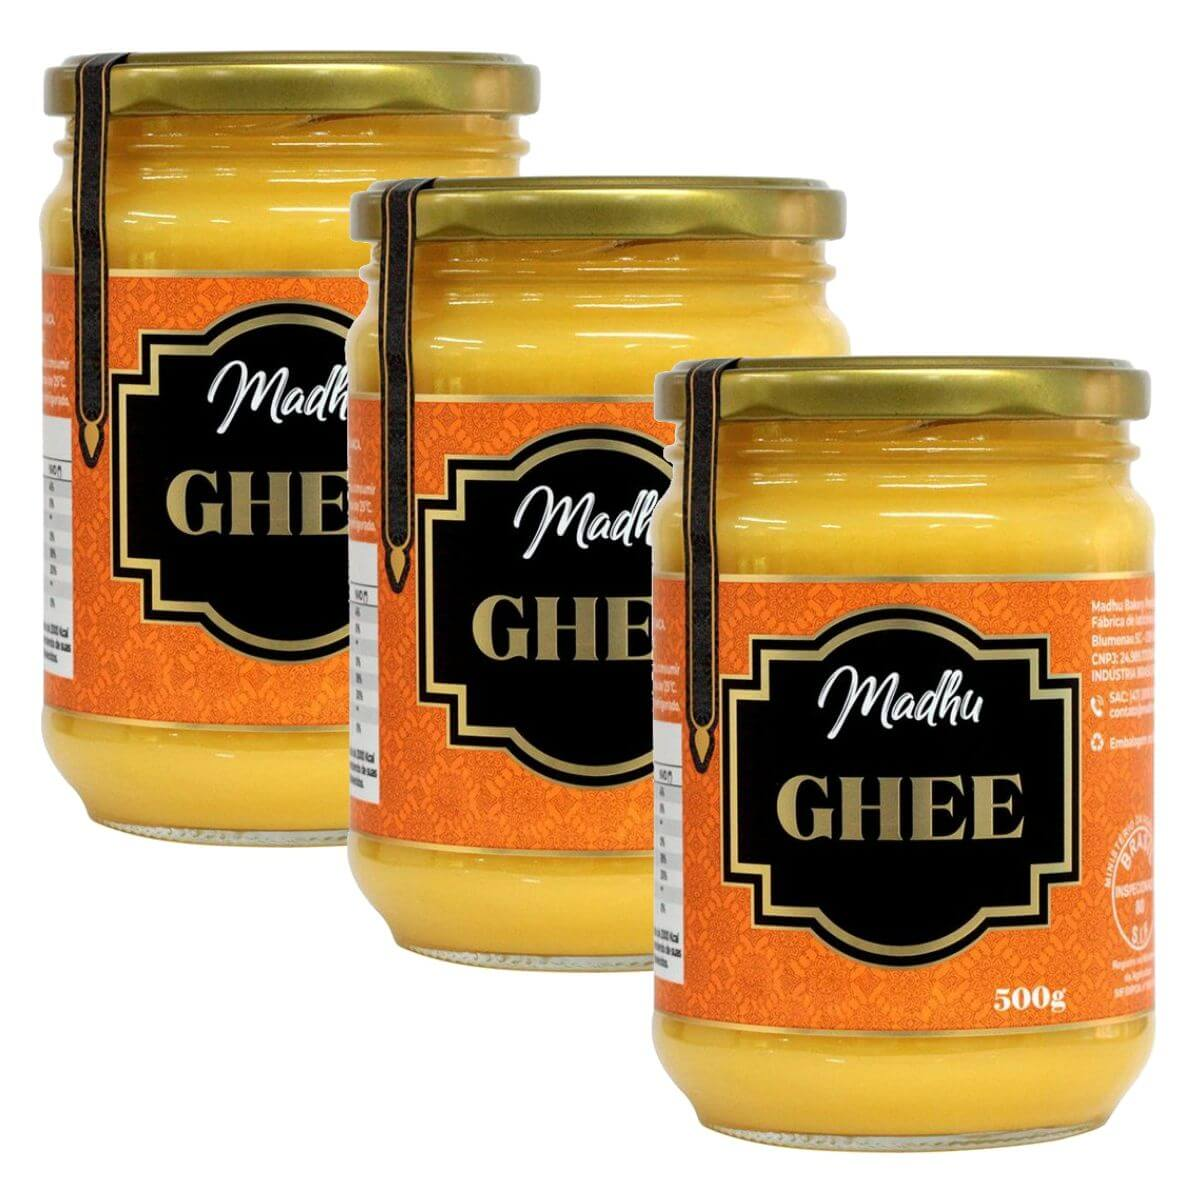 Kit 3 Manteiga Ghee 500g Tradicional Clarificada Zero Lactose